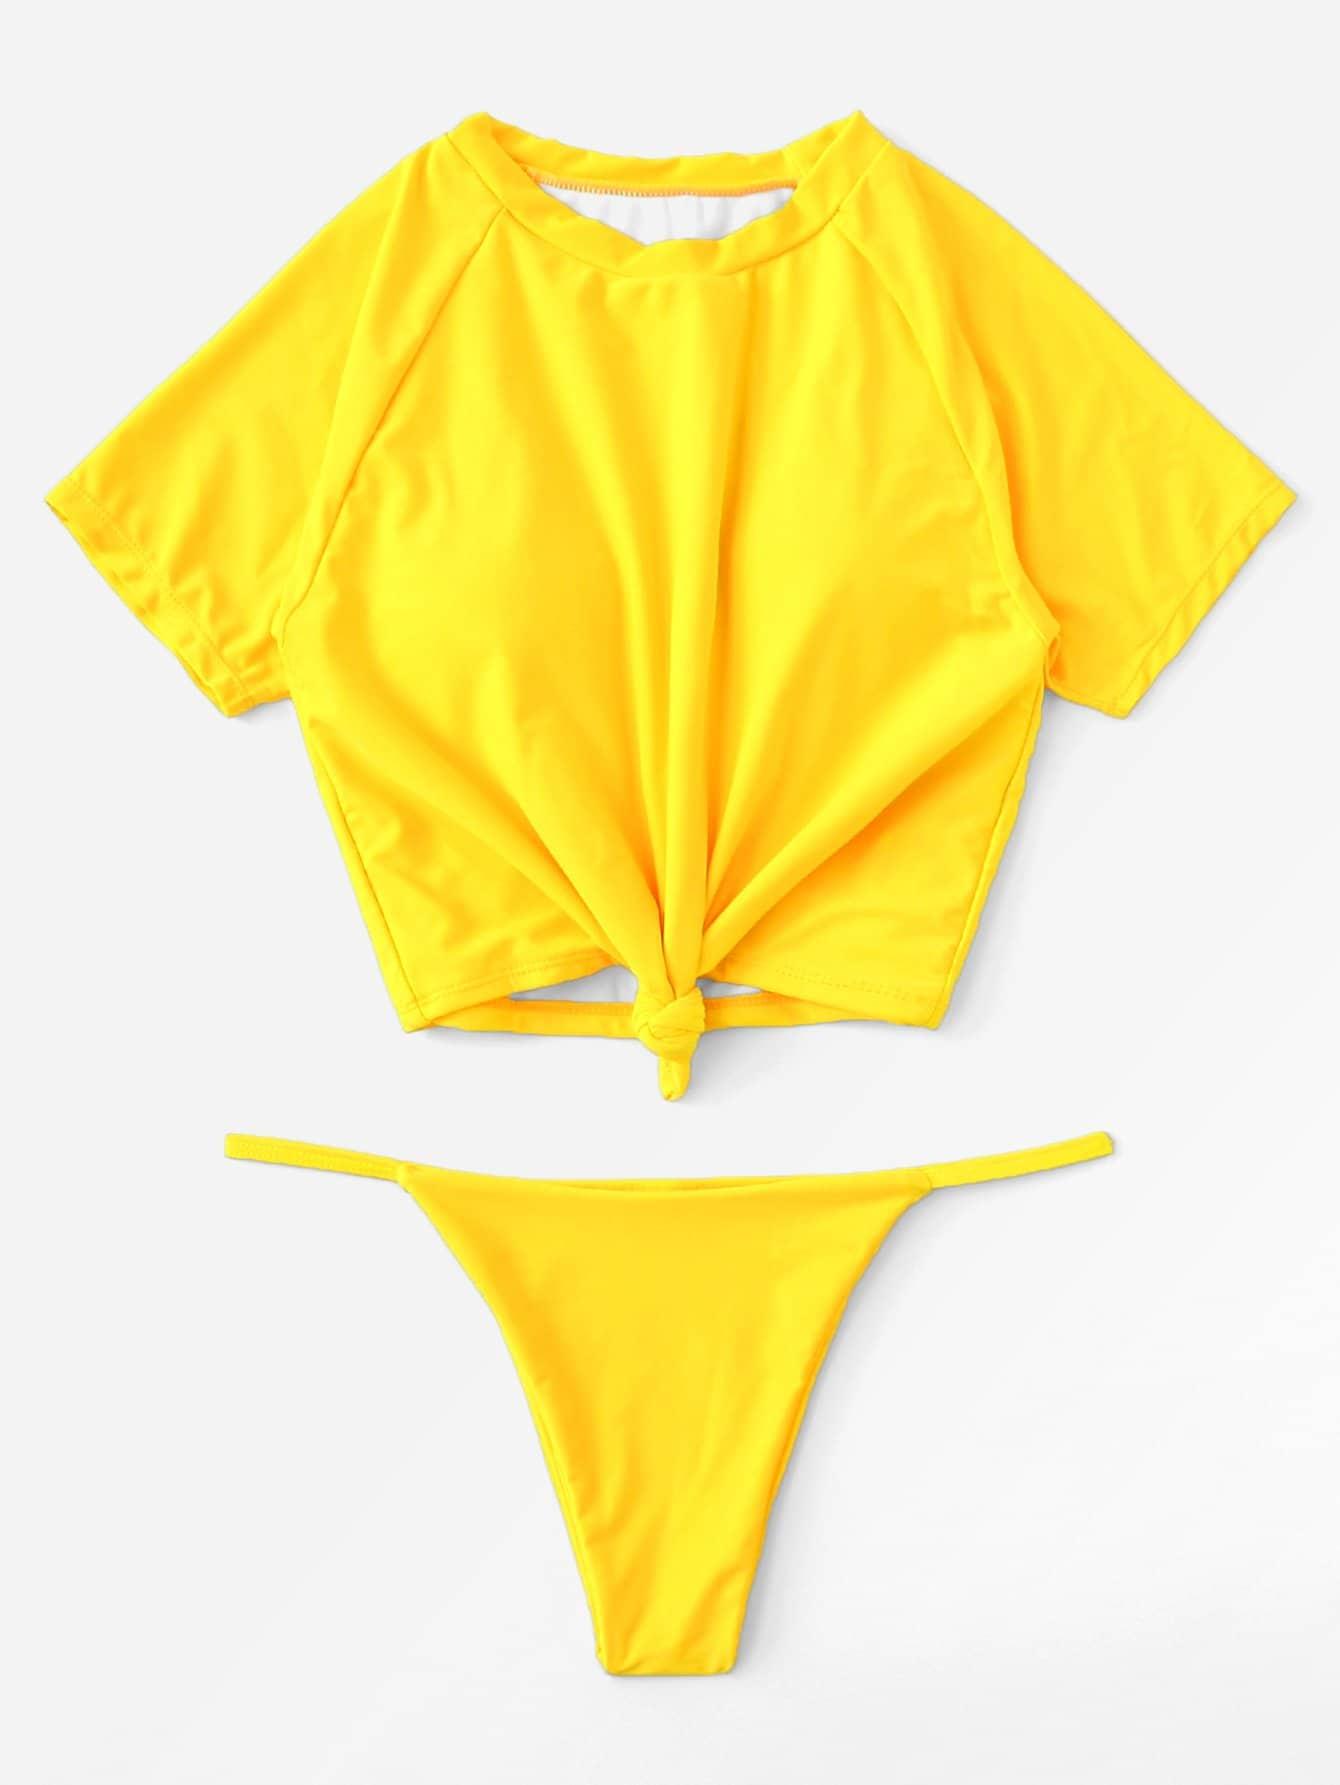 Knot Front Two Pice Swimwear knot front open back swimwear